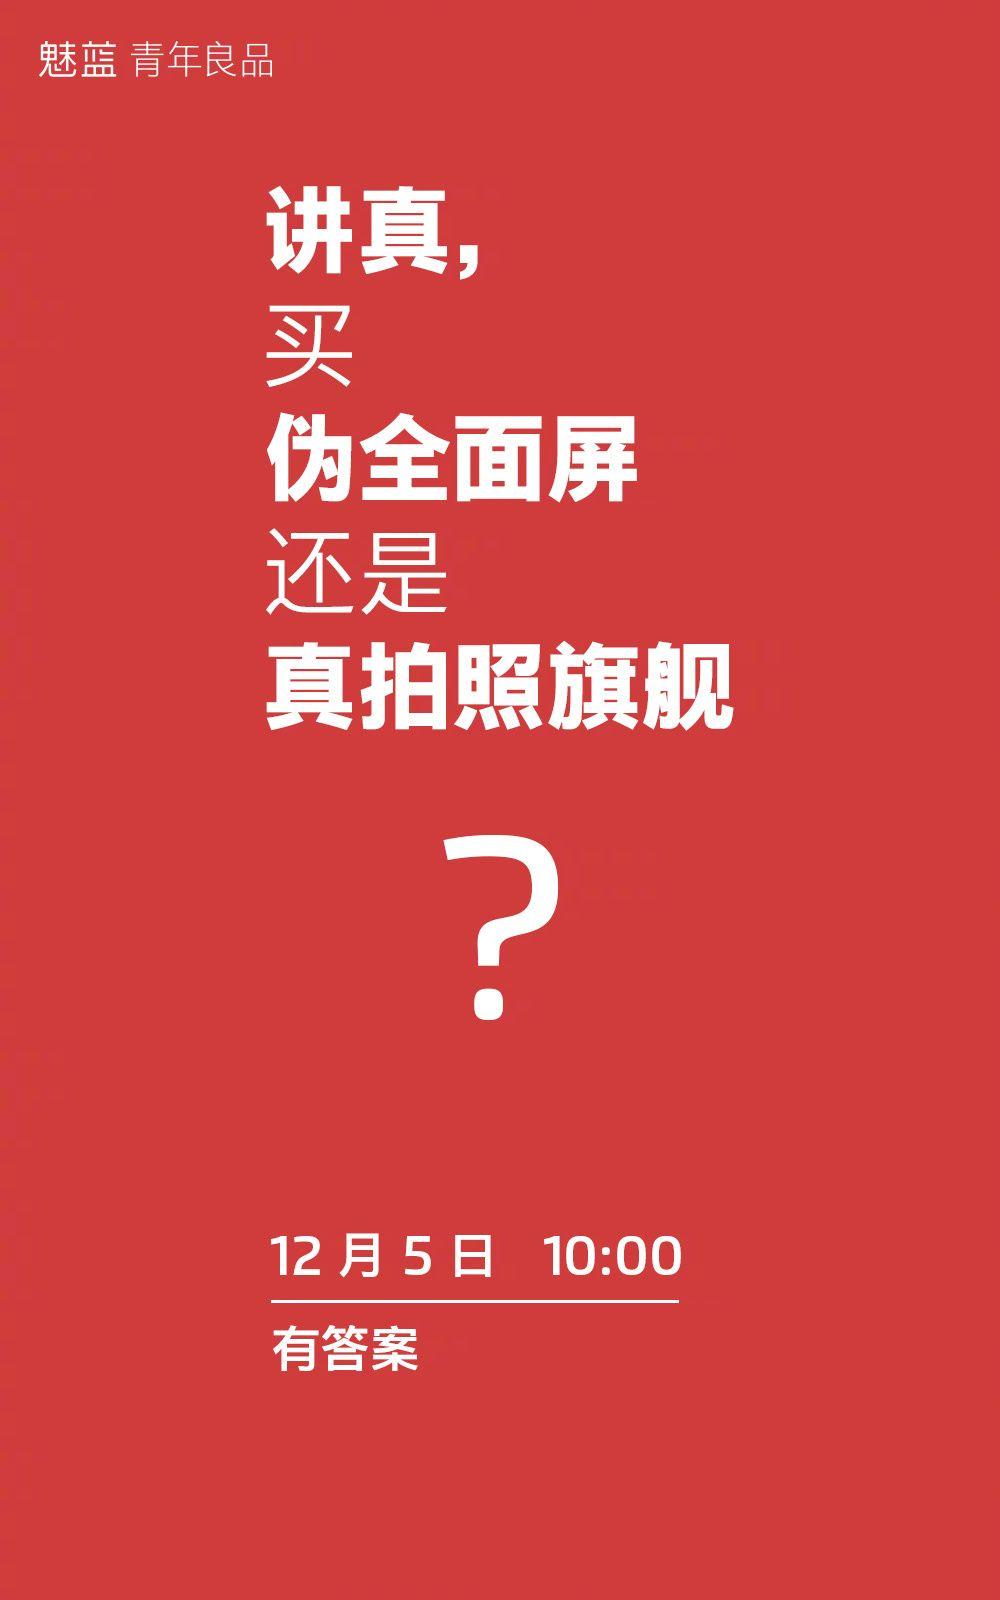 明日の中国時間10:00に何かを告知。発表会の予告とMeizu M6 Noteの値下げの告知か?